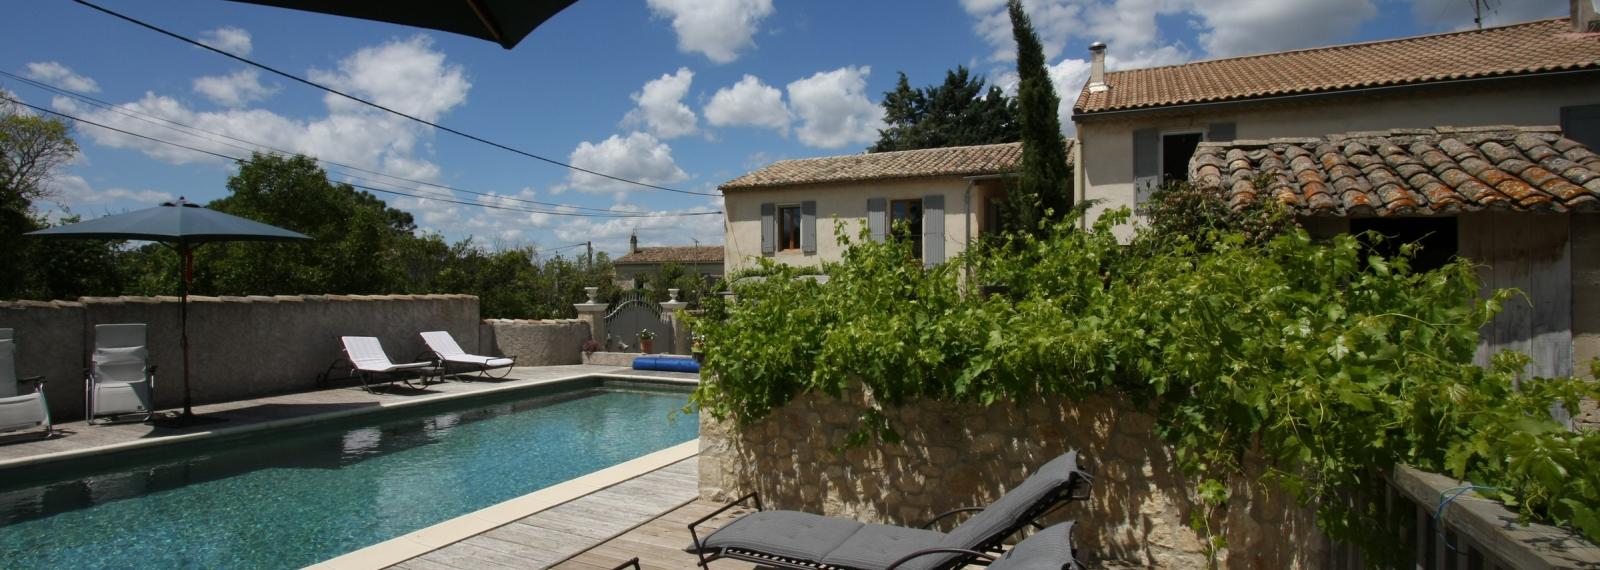 Location saisonnière Mas des Tourterelles à Saint-Rémy-de-Provence